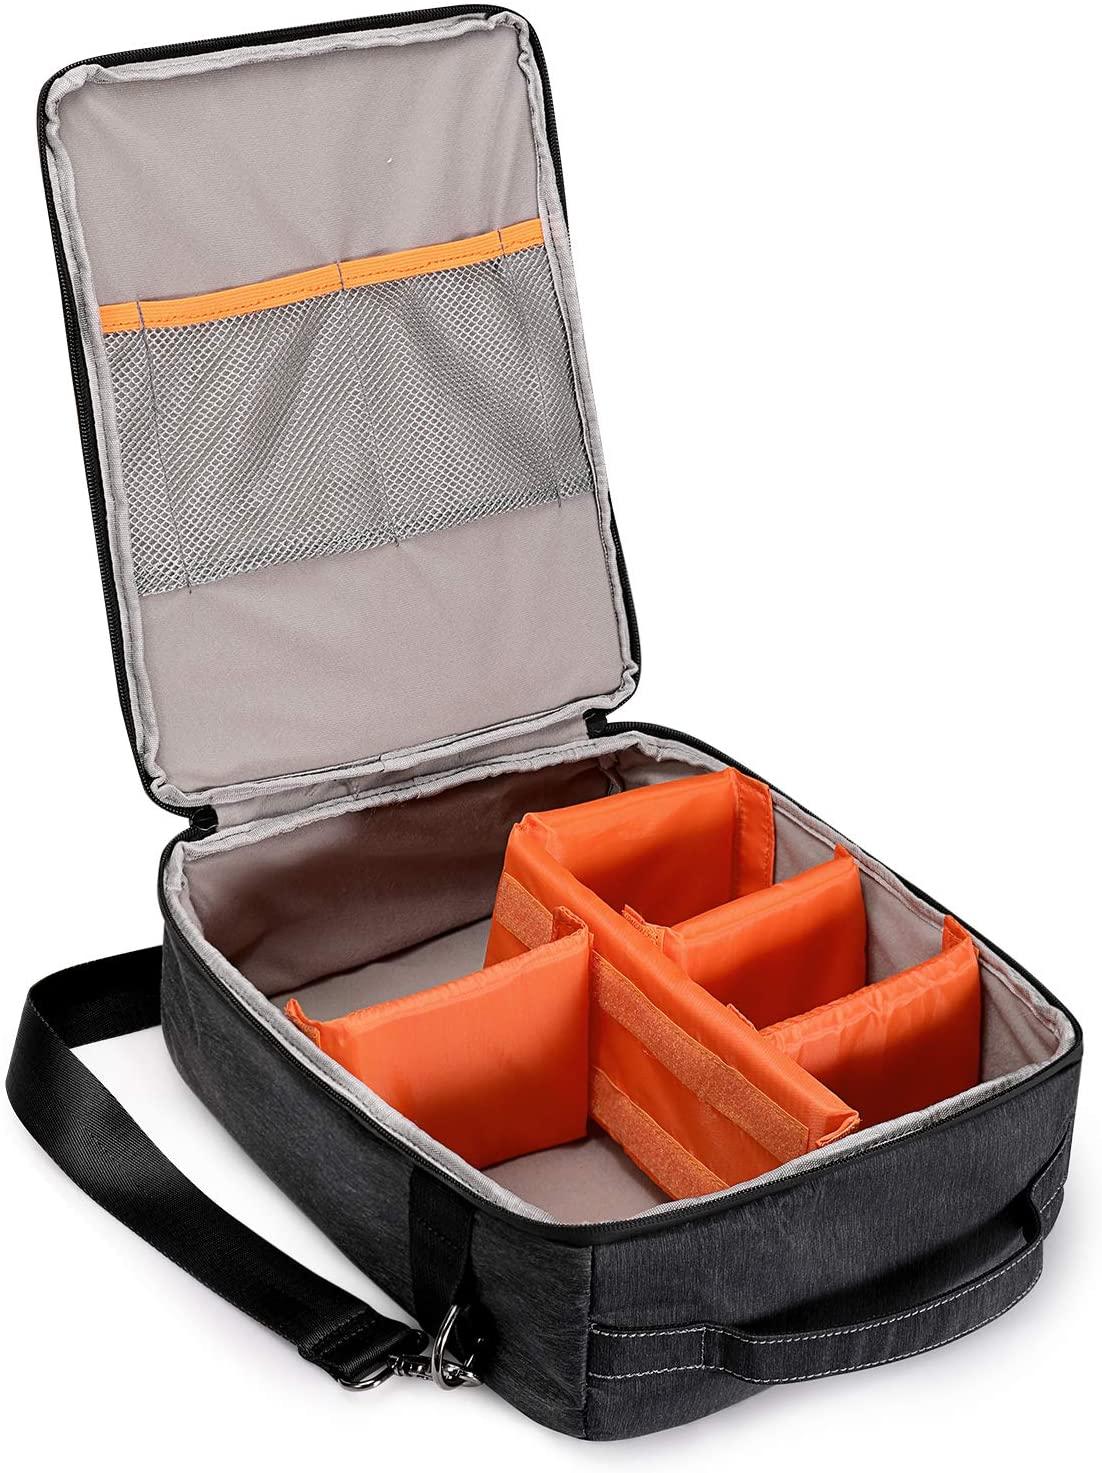 S-ZONE Water Resistant Camera Case Insert Bag Handle Shoulder Strap DSLR Camera Lens